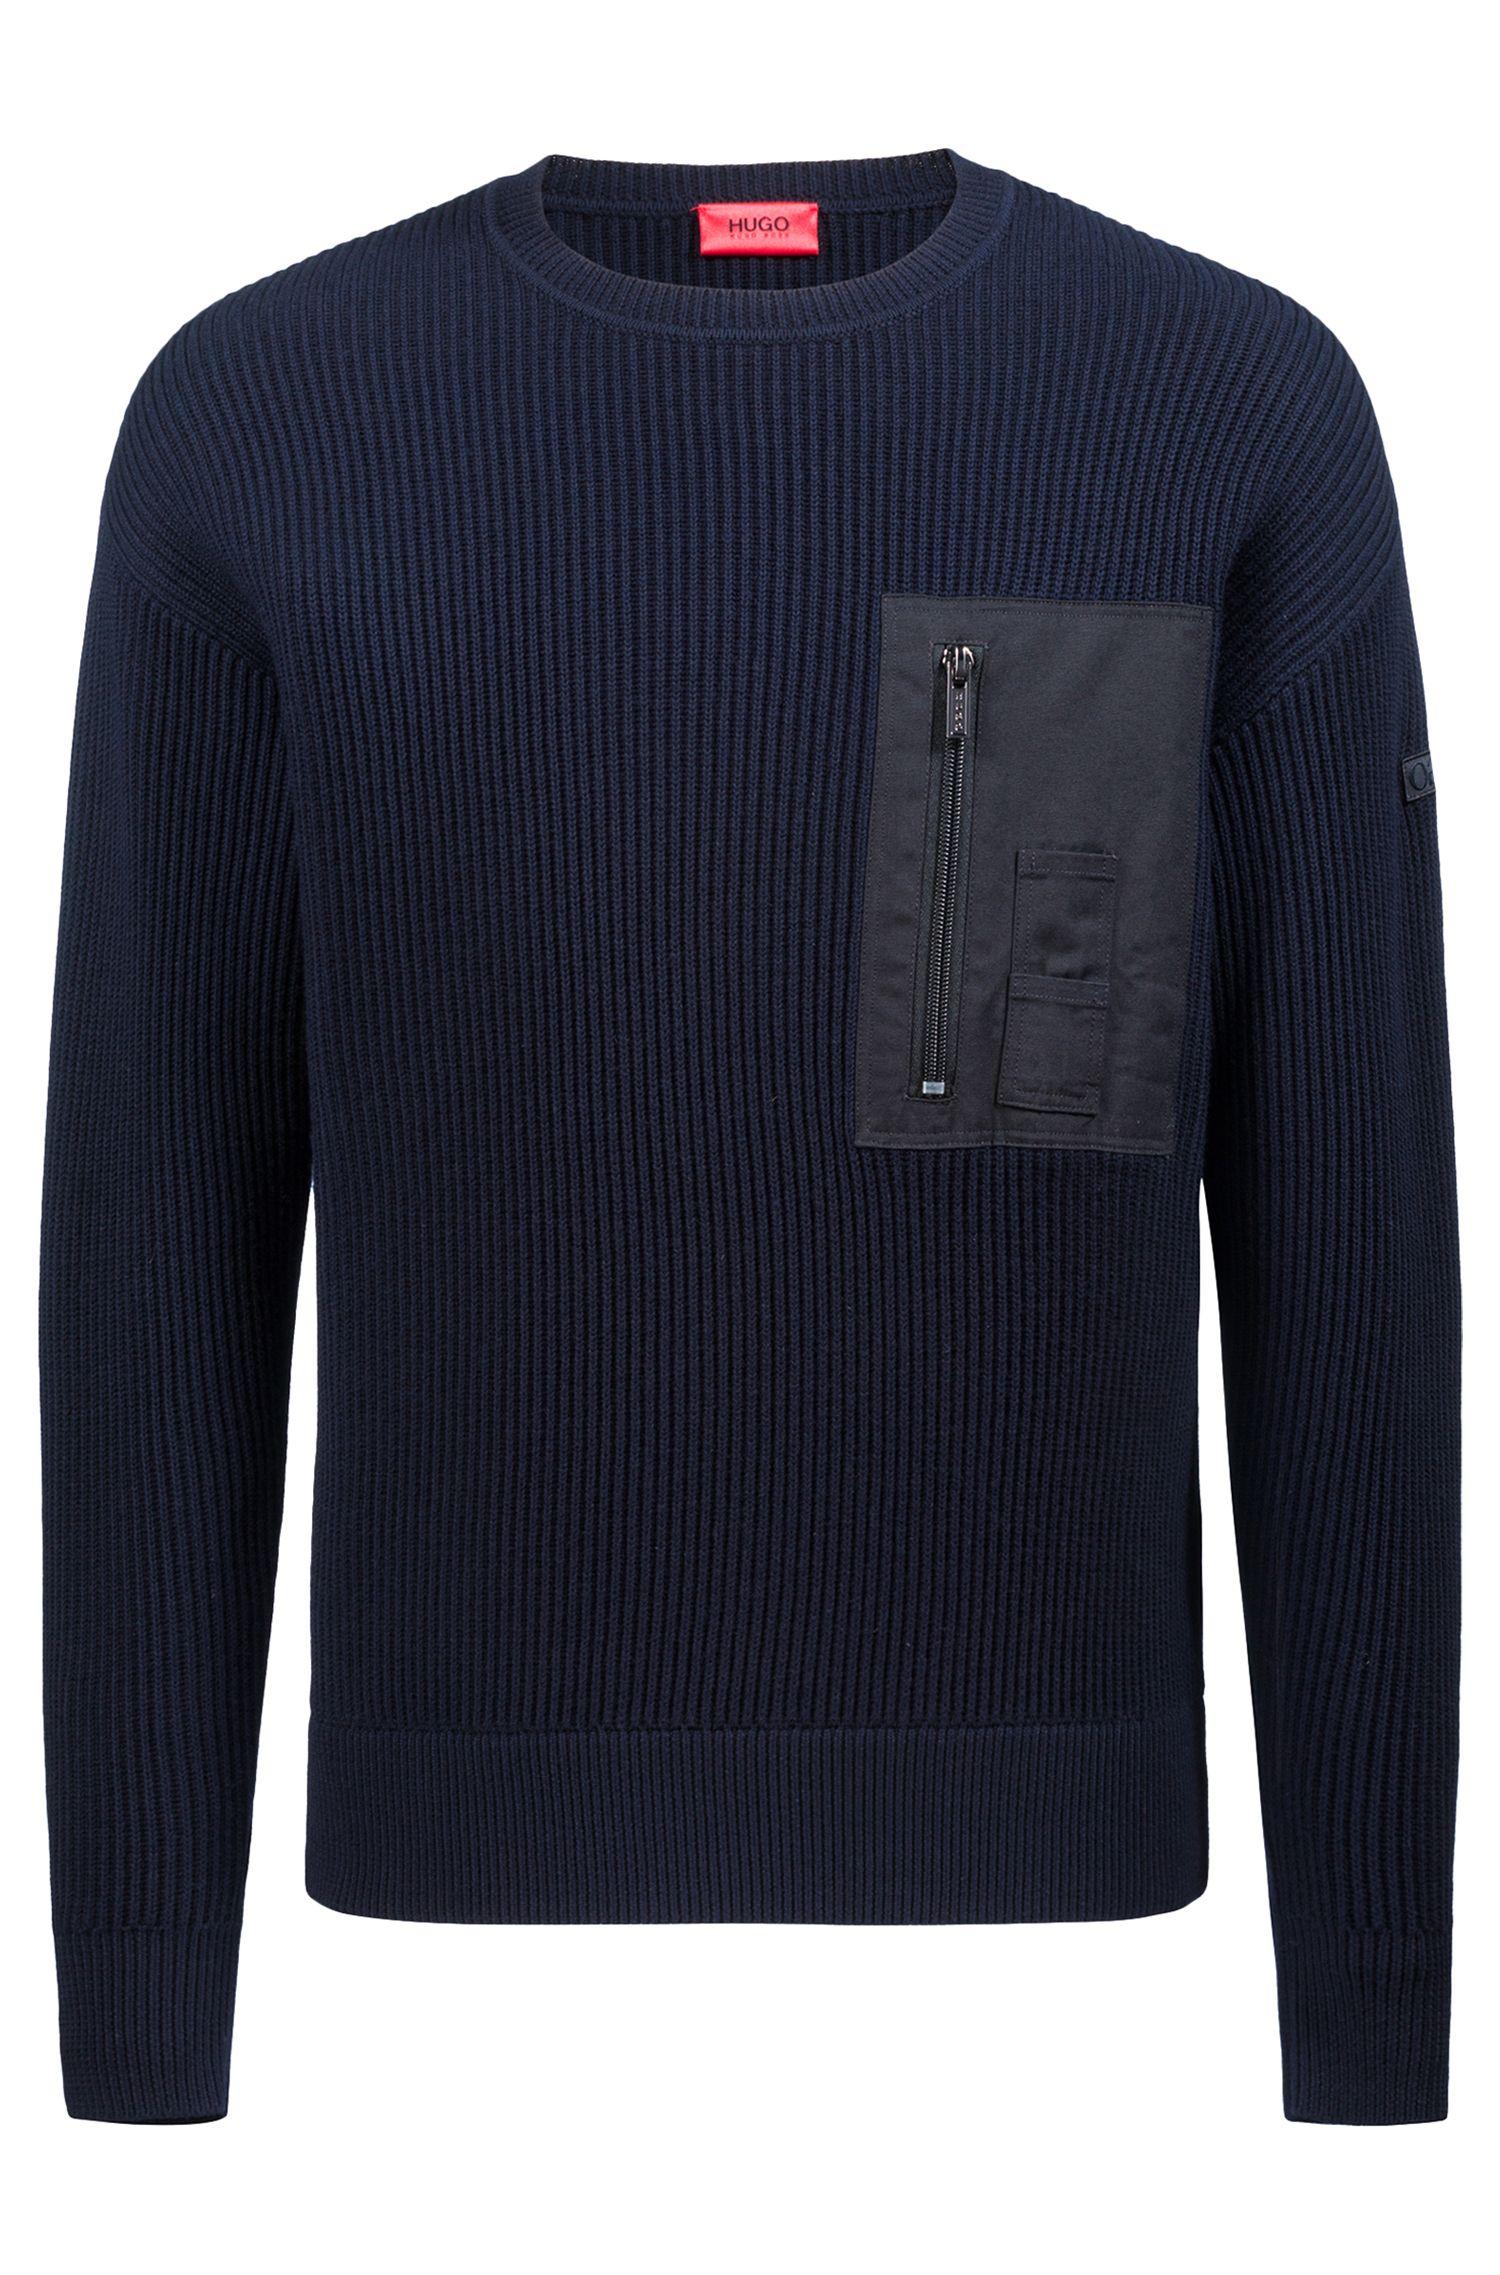 Geribbelde trui in een militaire look met opgezette zak